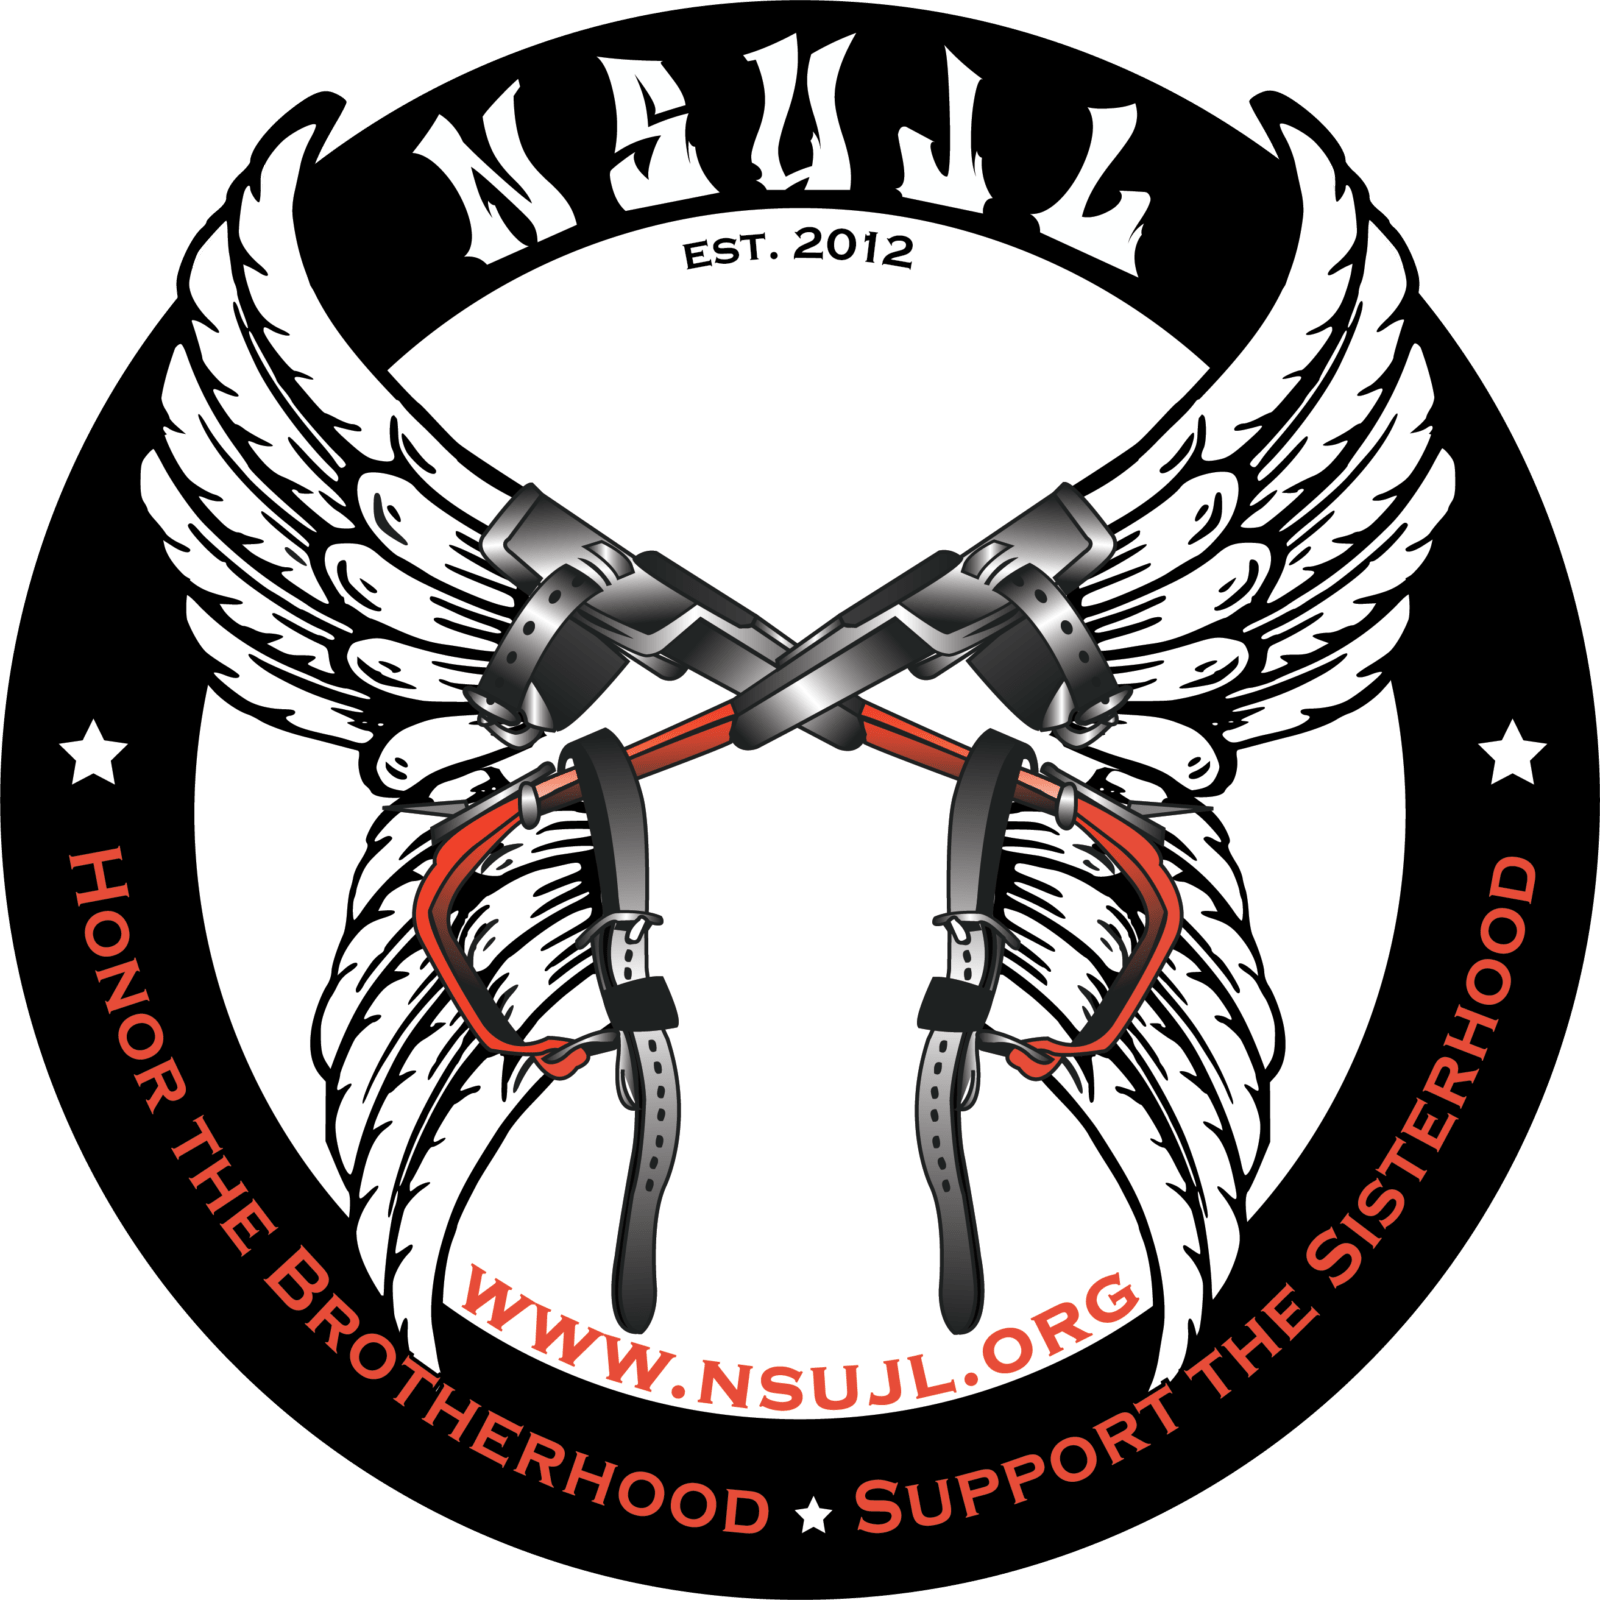 NSUJL Membership